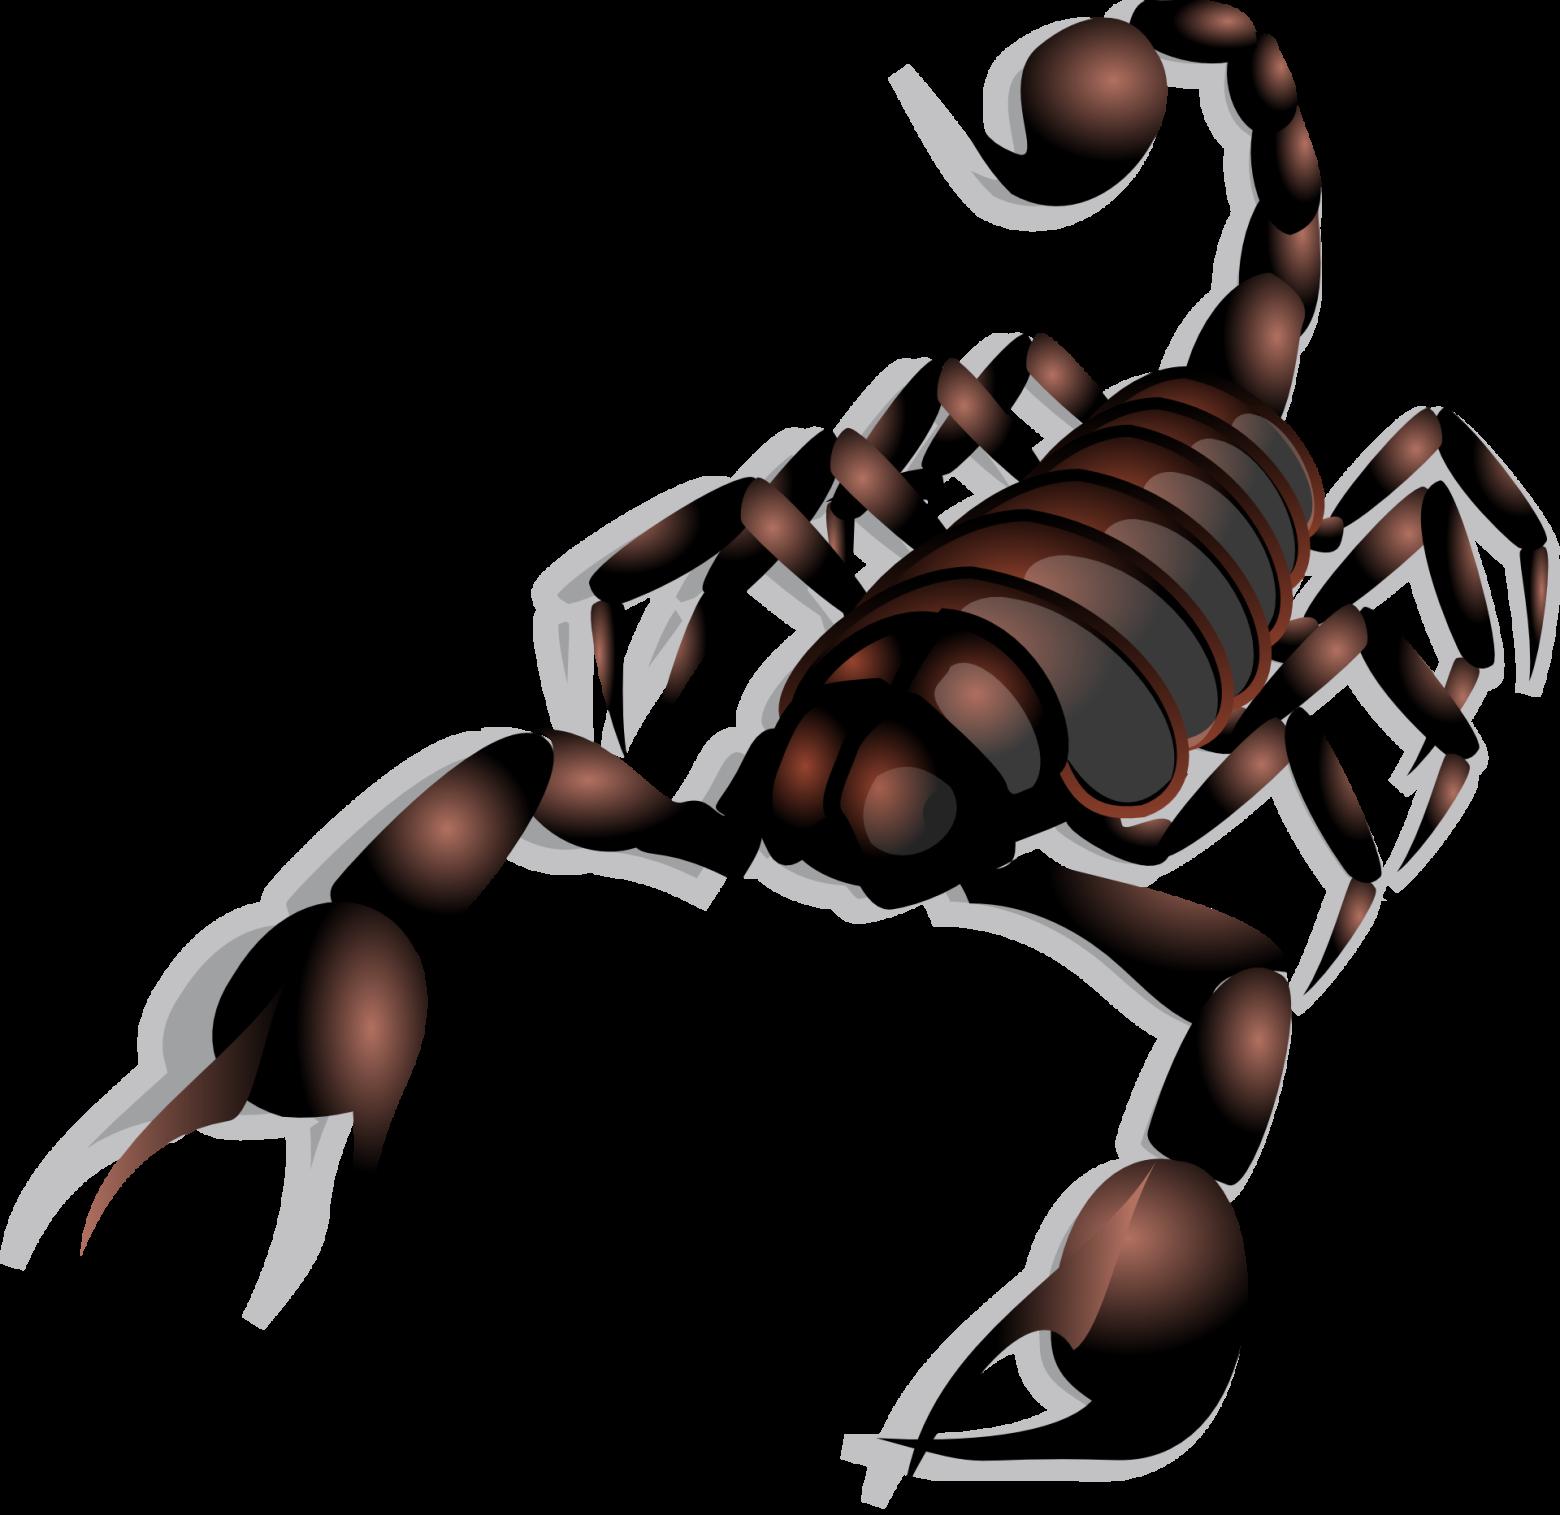 Connu images vectorielles gratuites et libres de droits le scorpion  JW69